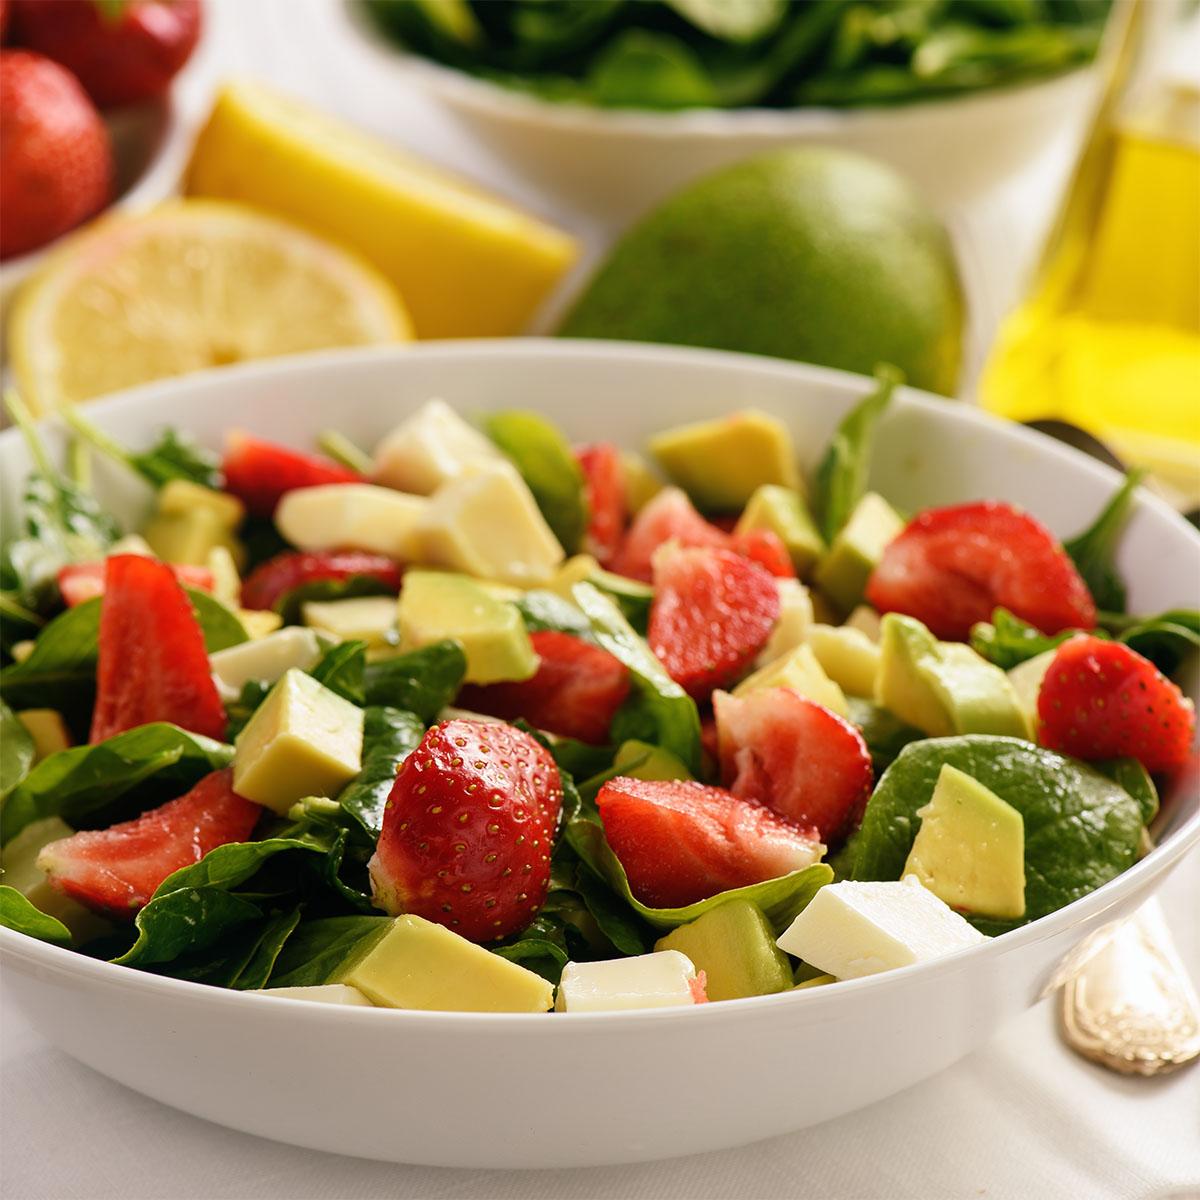 Салат со шпинатом, клубникой, авокадо и сыром.